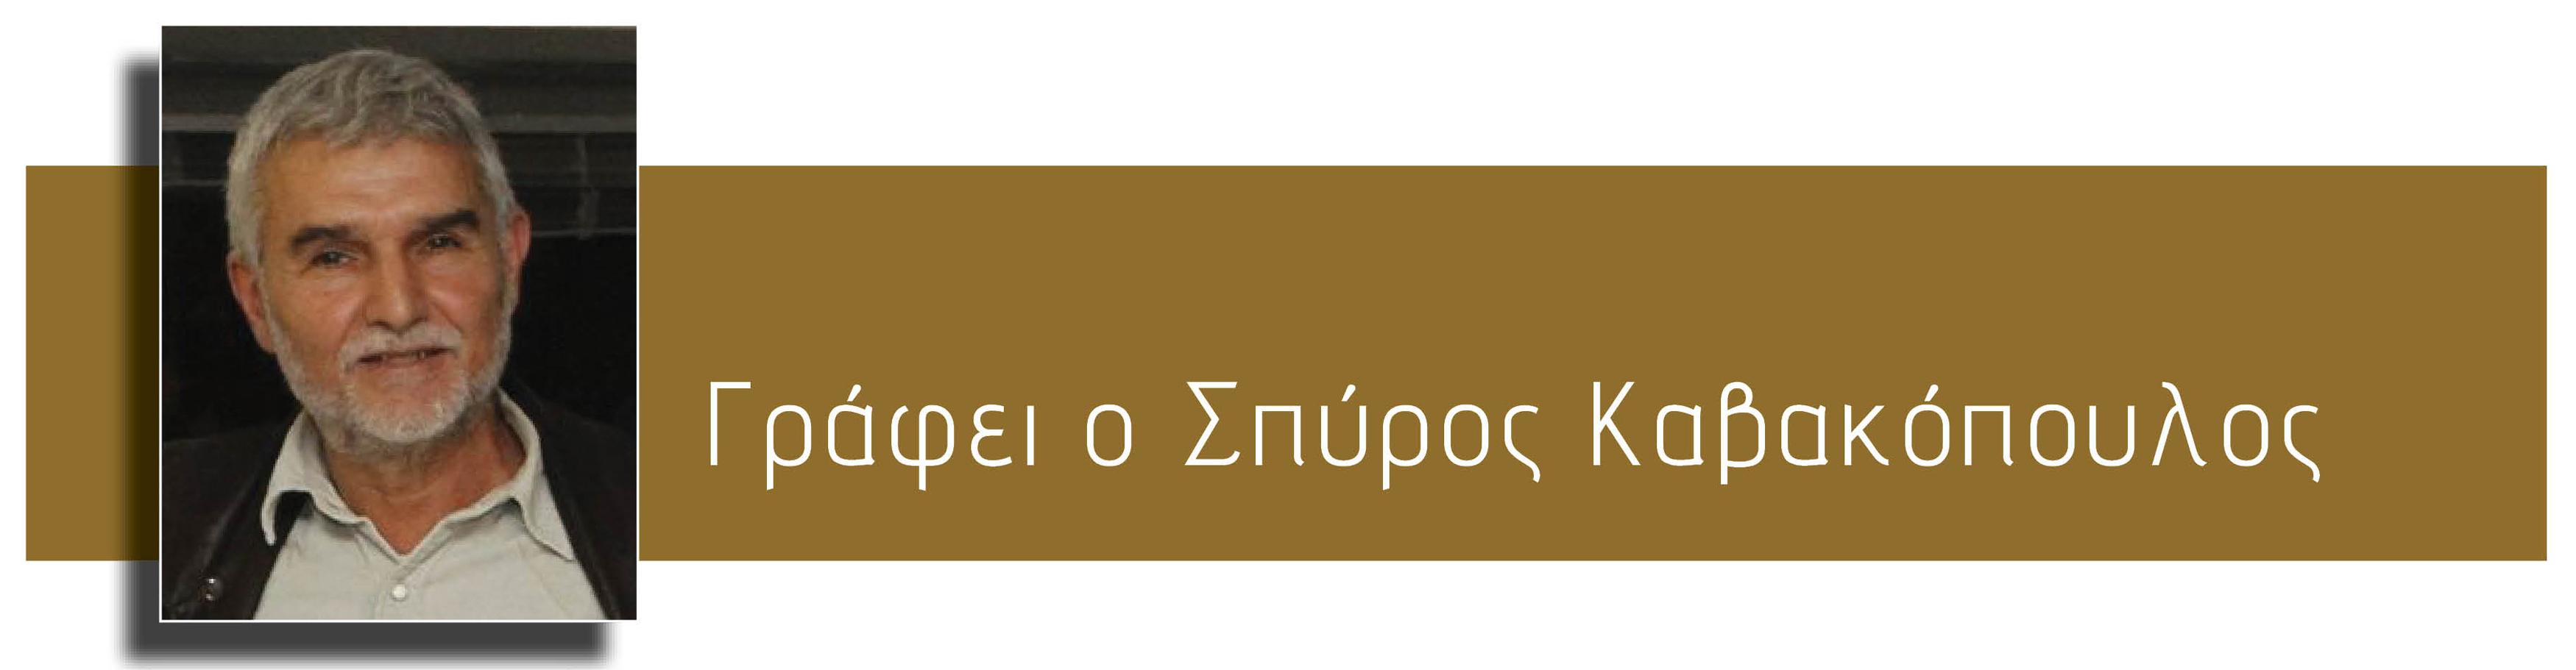 γράφει-ο-Σπύρος-Καβακόπουλος